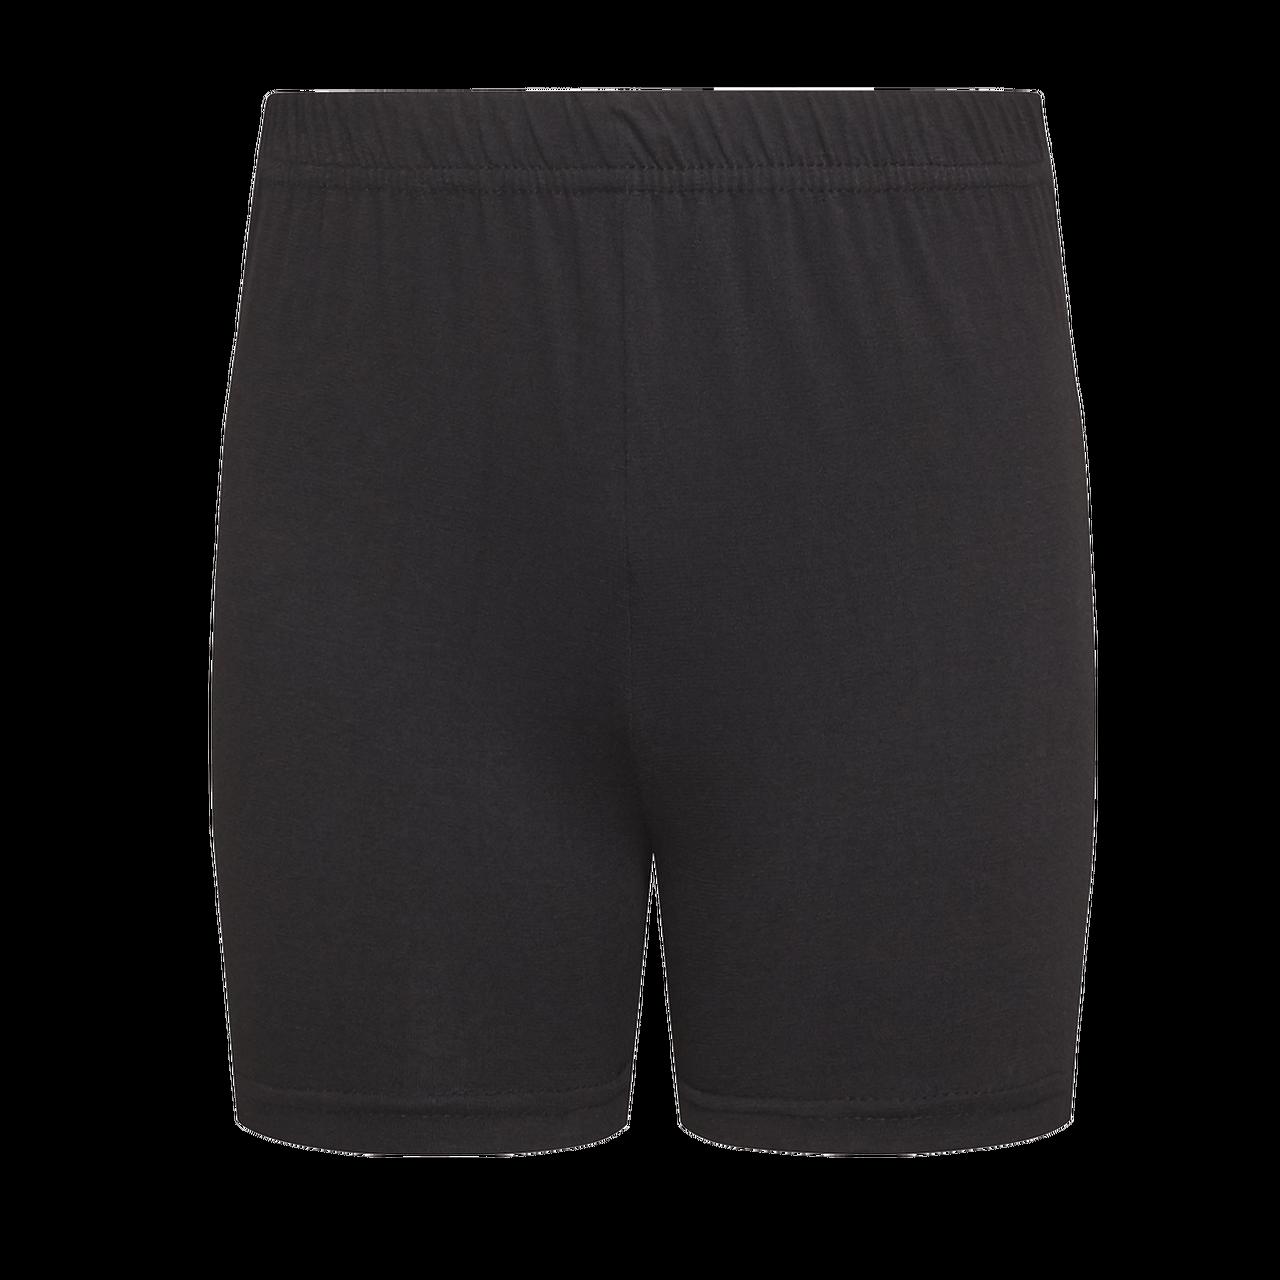 20cd698cb Lindley Infant Girls Indoor PE Short Black - Direct Workwear